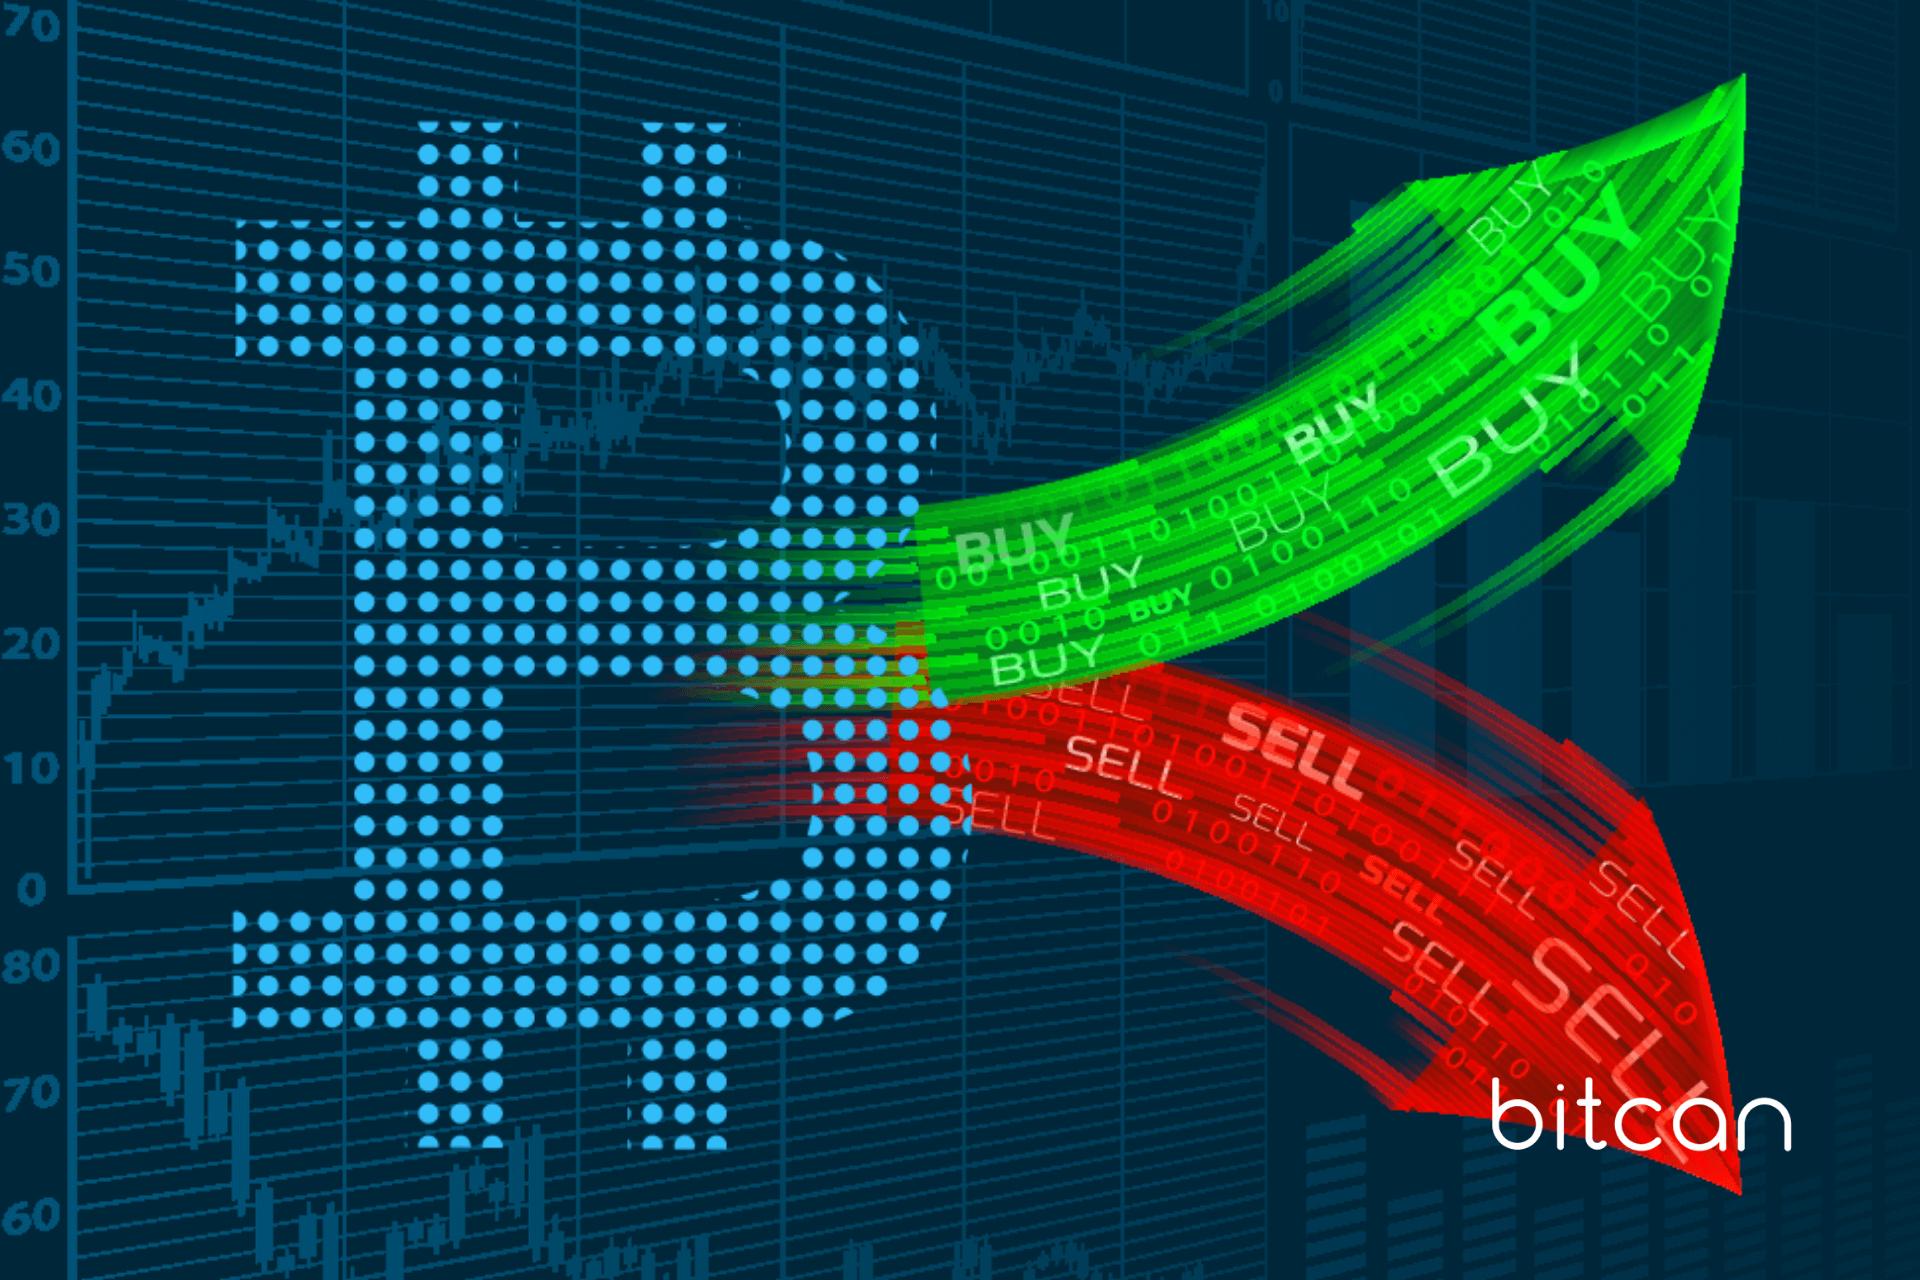 Arbitraż na rynku kryptowalut, czyli wykorzystanie różnicy cen